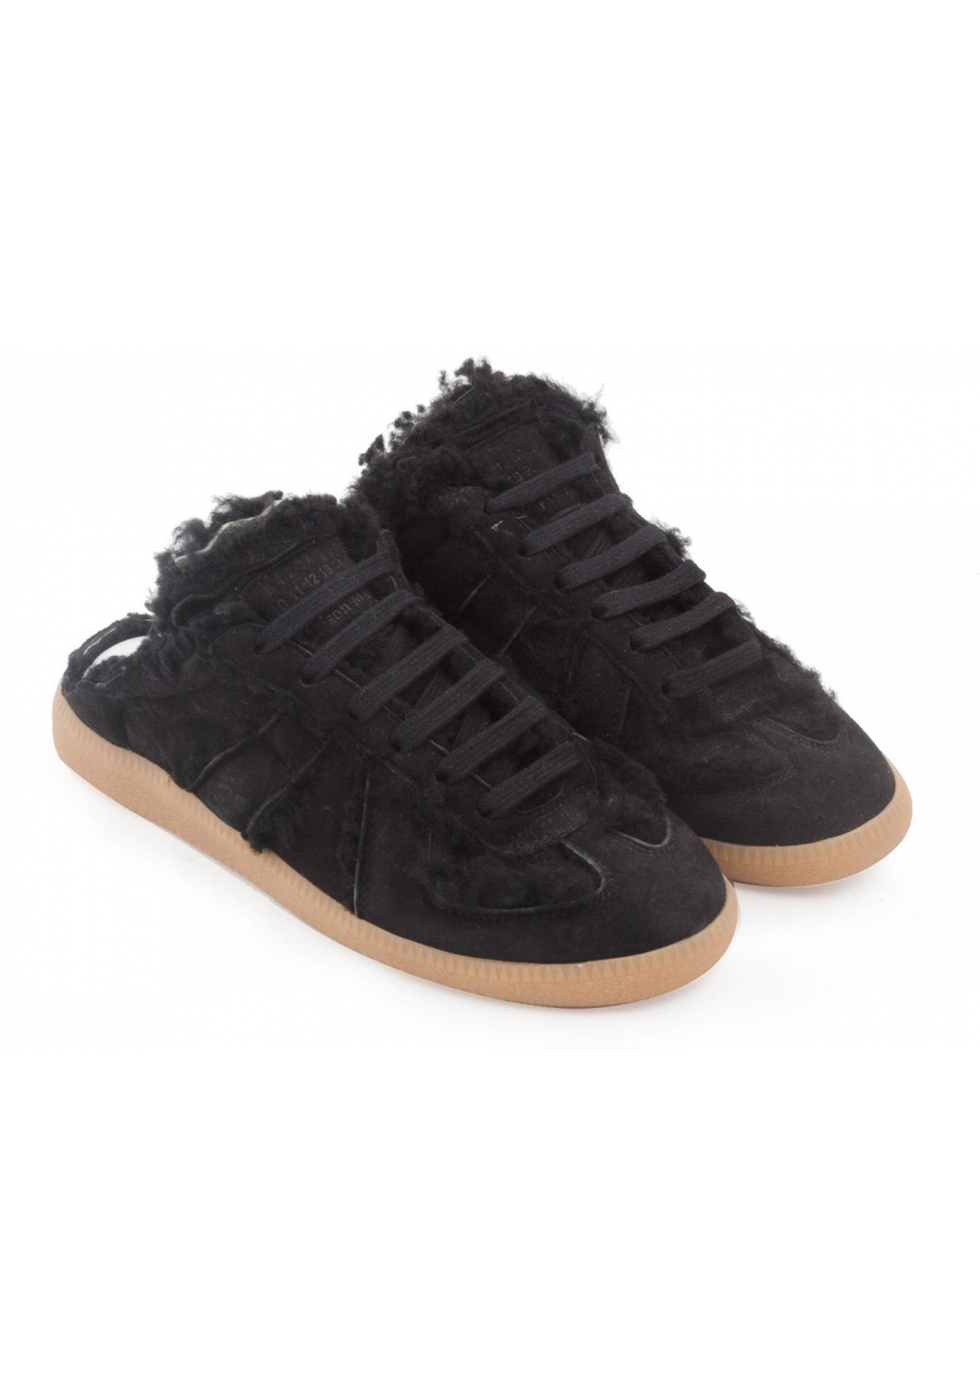 Donna Sneakers Replica Nero Pelle Scamosciato Maison In Margiela Y2WIEDH9